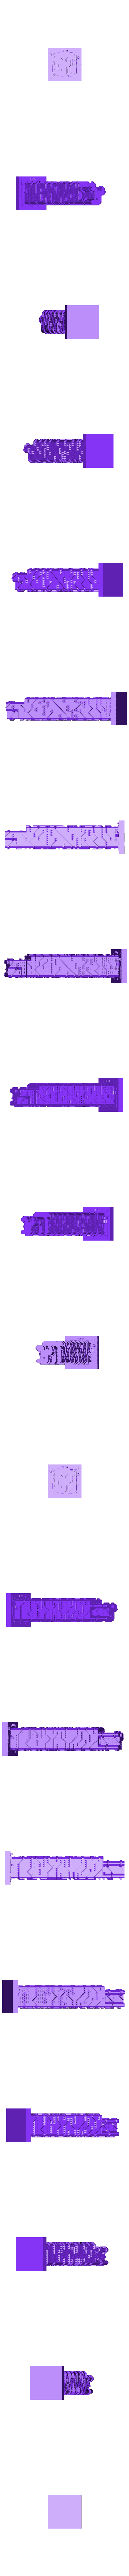 skyscraper1.stl Télécharger fichier STL gratuit Bâtiments de procédure • Design pour impression 3D, ferjerez3d